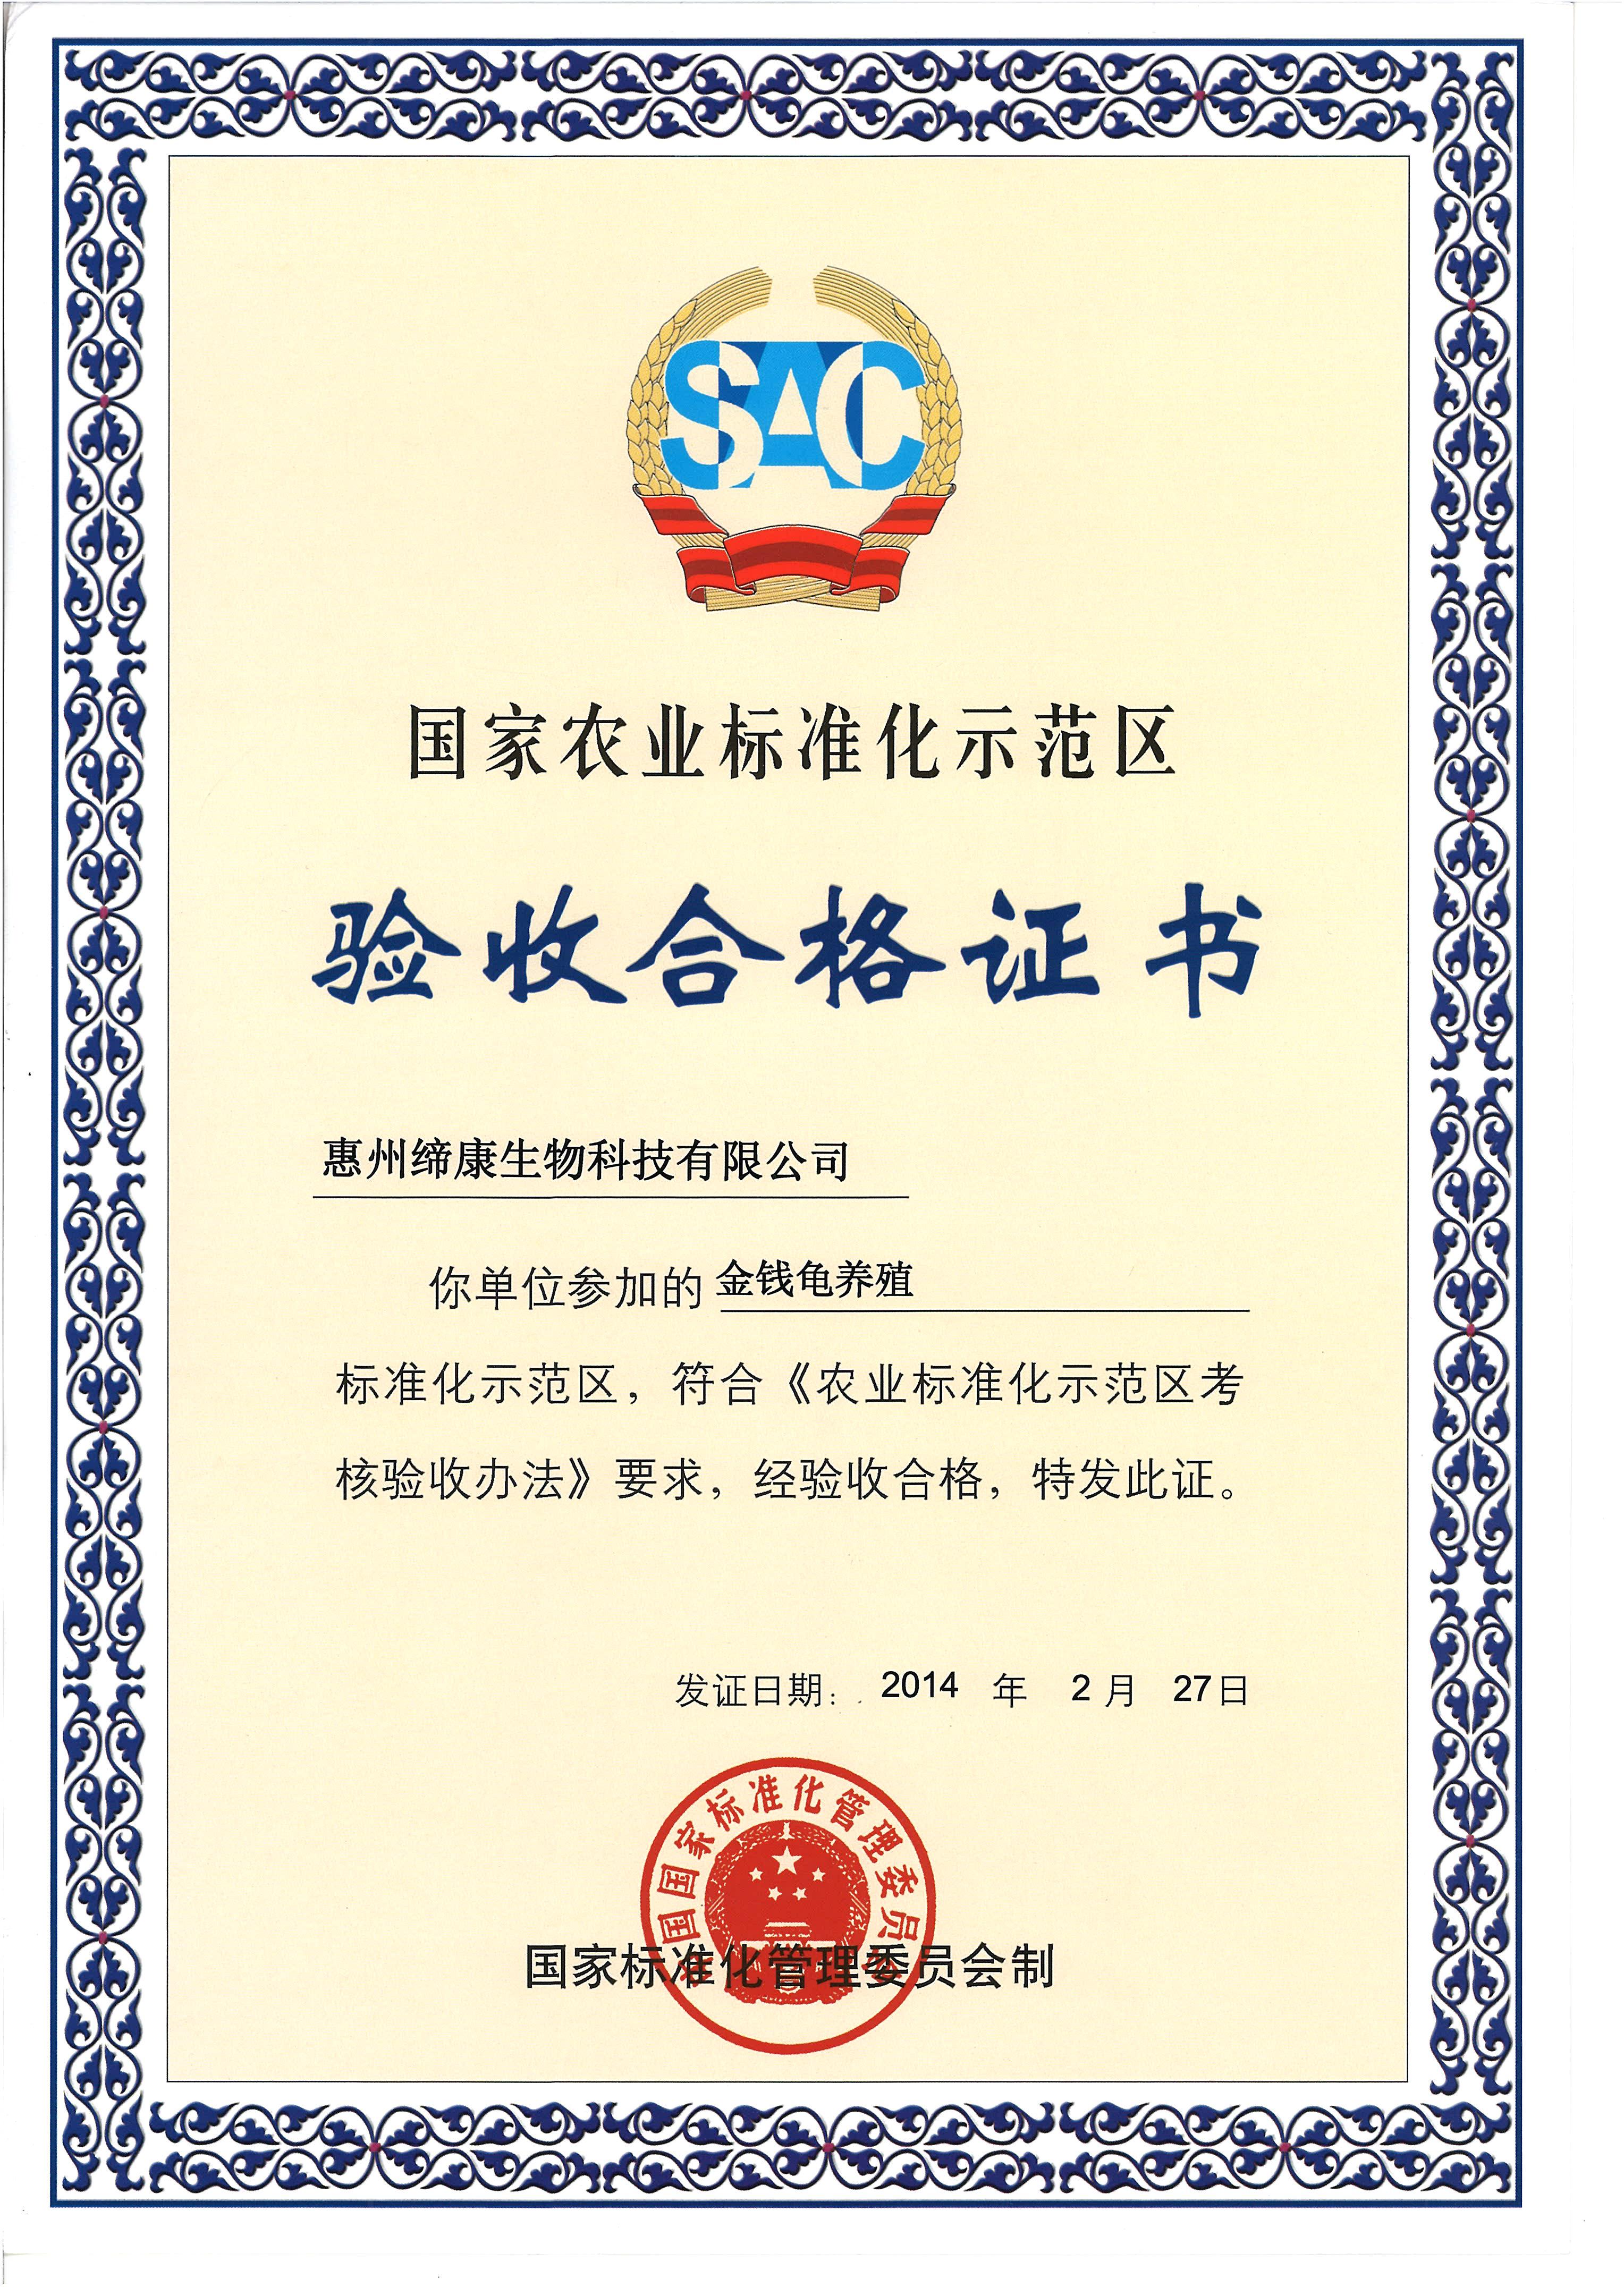 締康-國家農業標準化示范區驗收合格證書